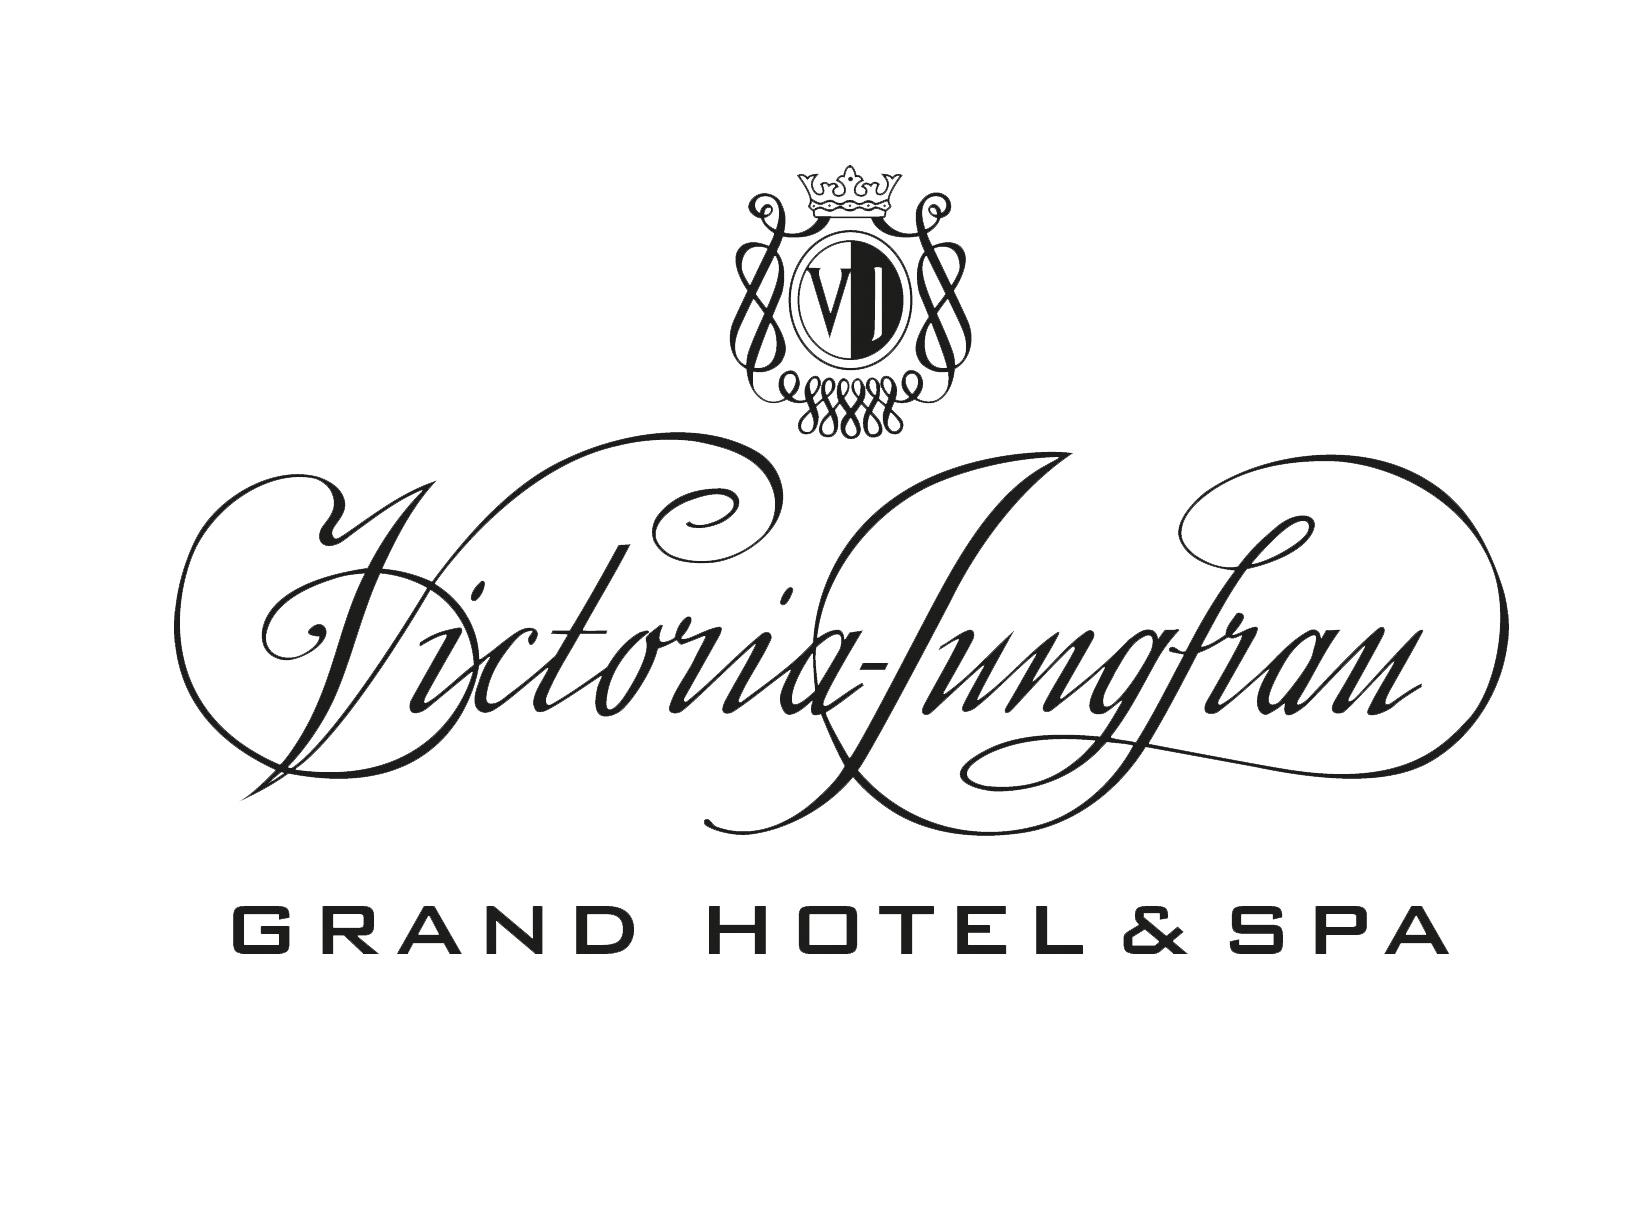 Victoria-Jungfrau Grand Hotel logo